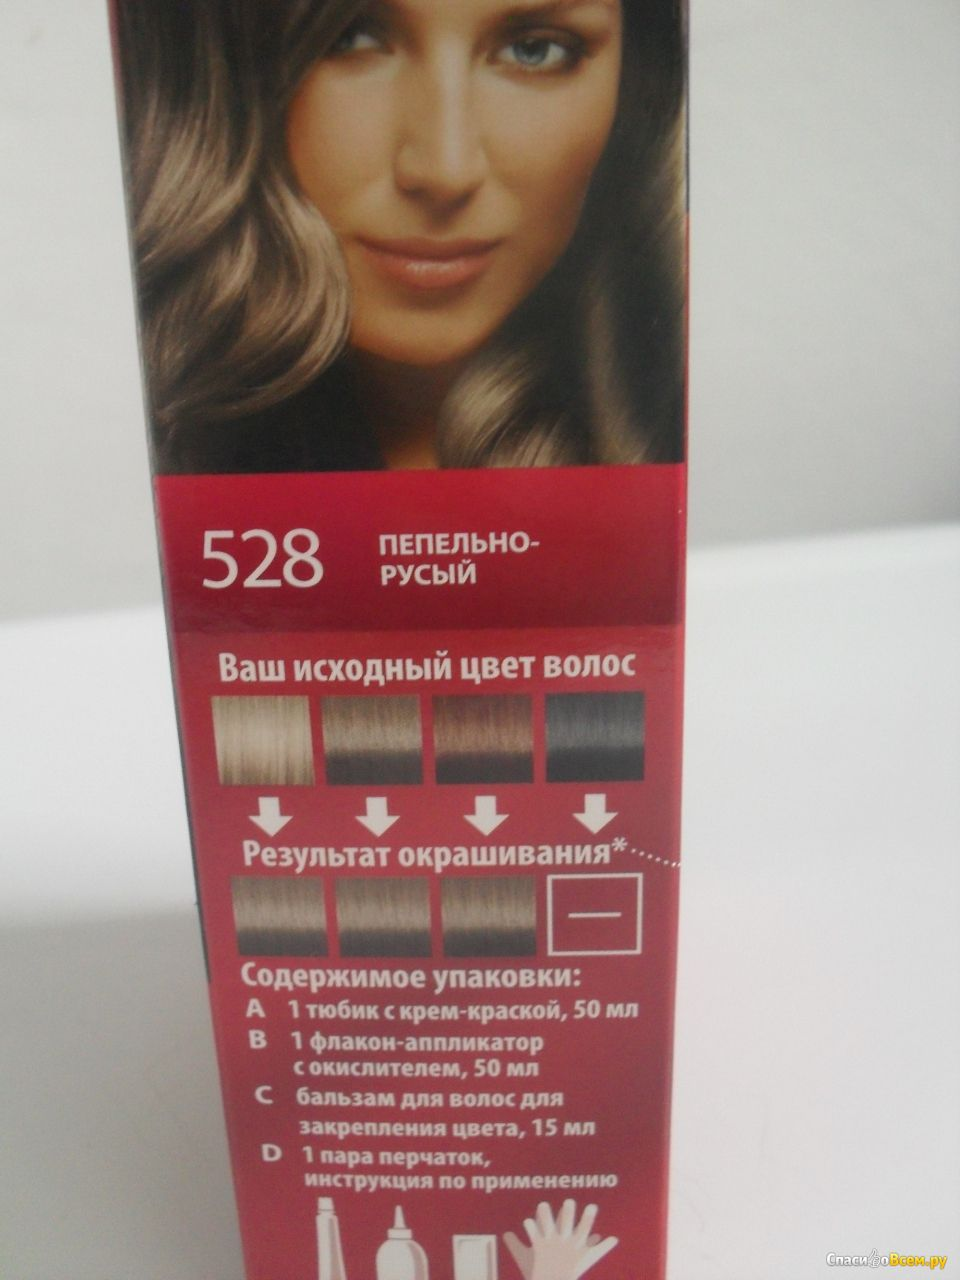 Пепельно русый цвет волос фото фара